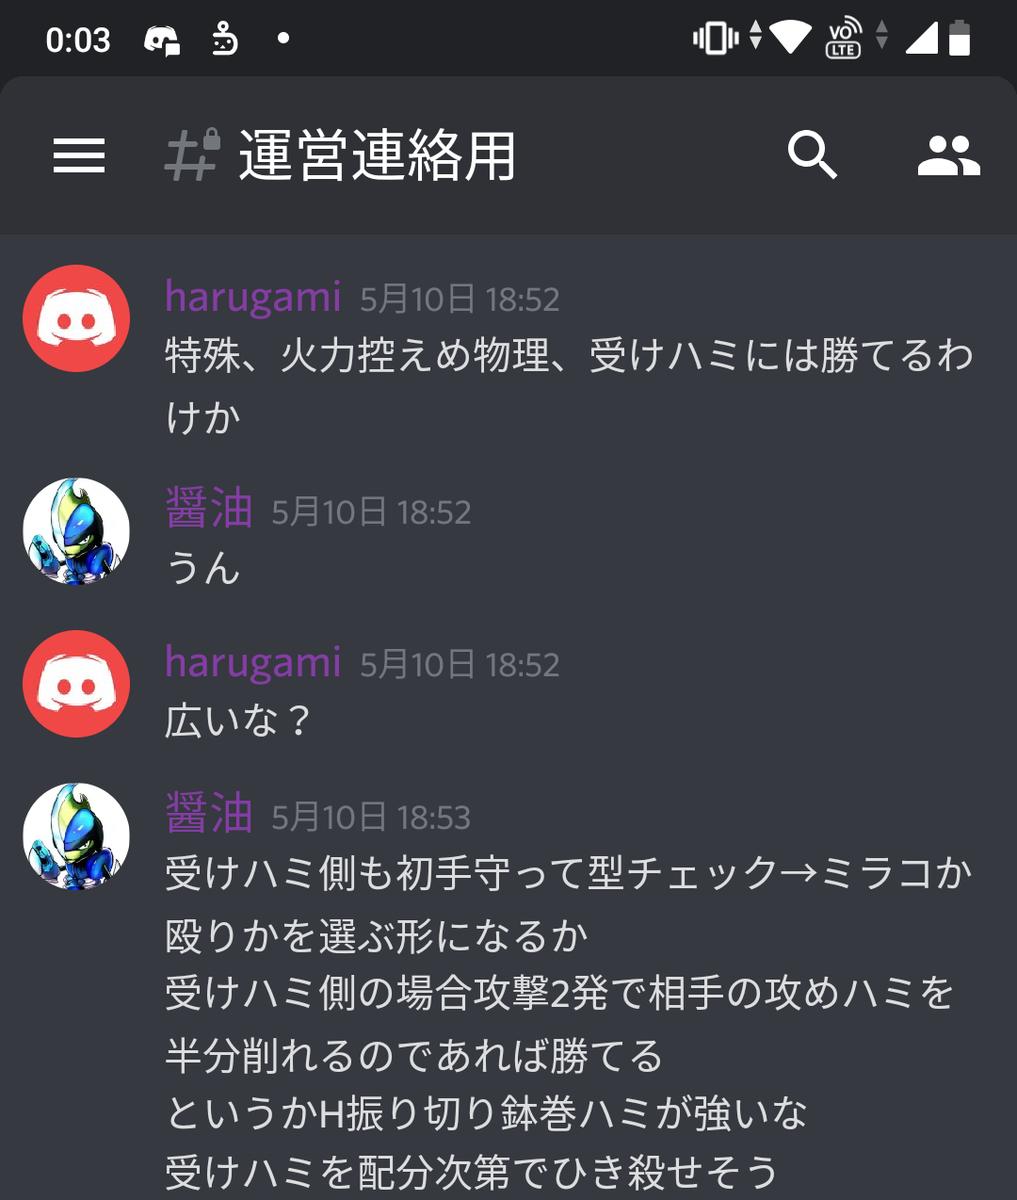 f:id:Showyu_frozen:20200525000453p:plain